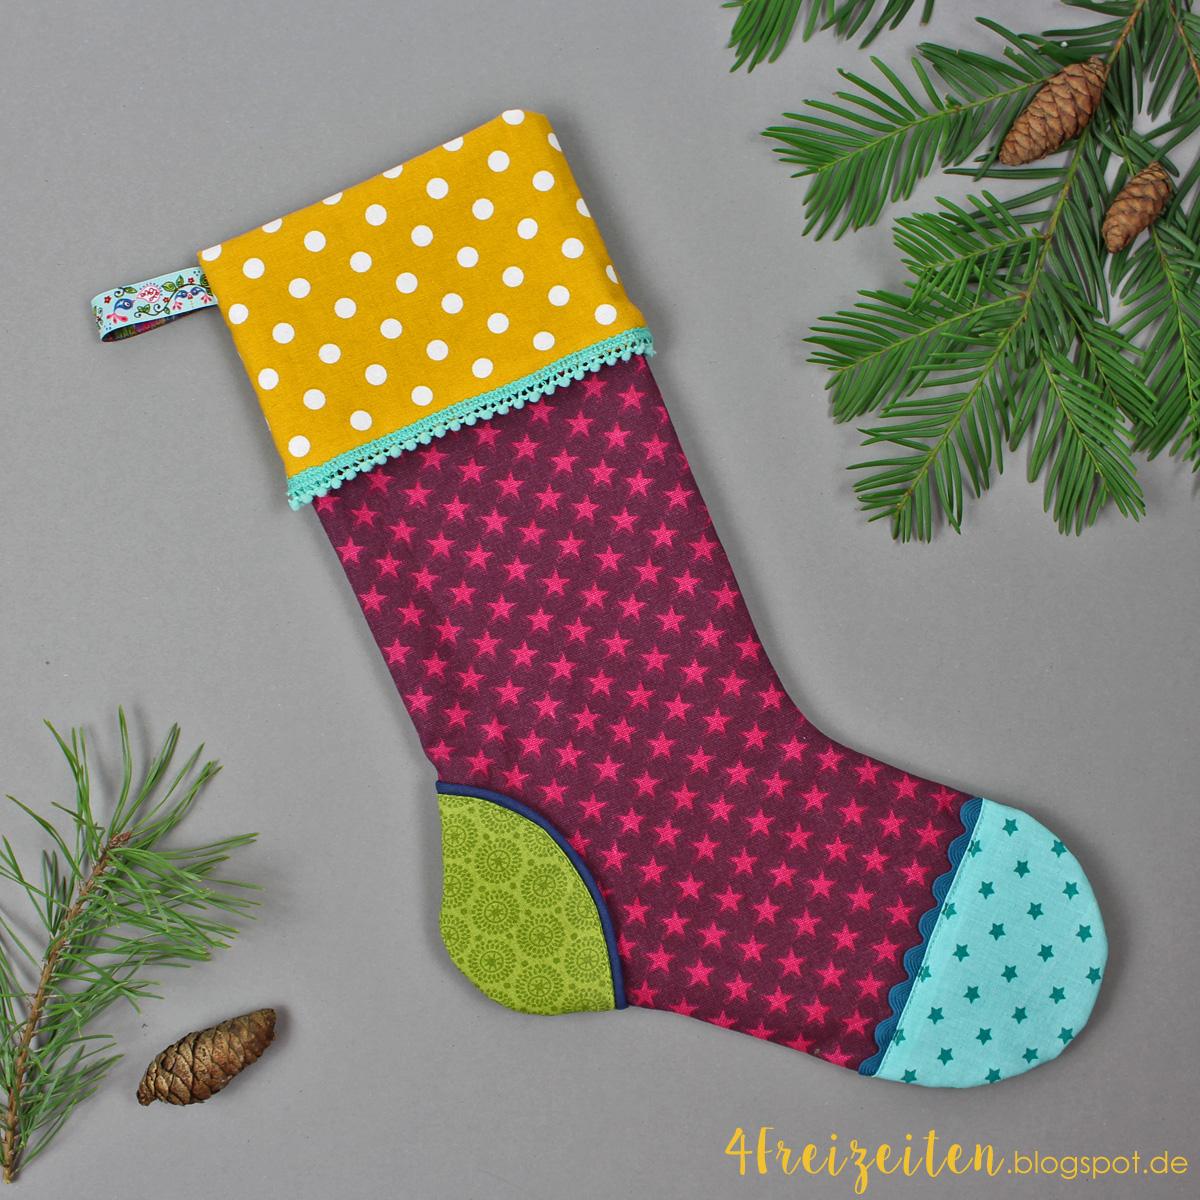 4 Freizeiten: Weihnachten wird bunt - mein Nikolaussocken